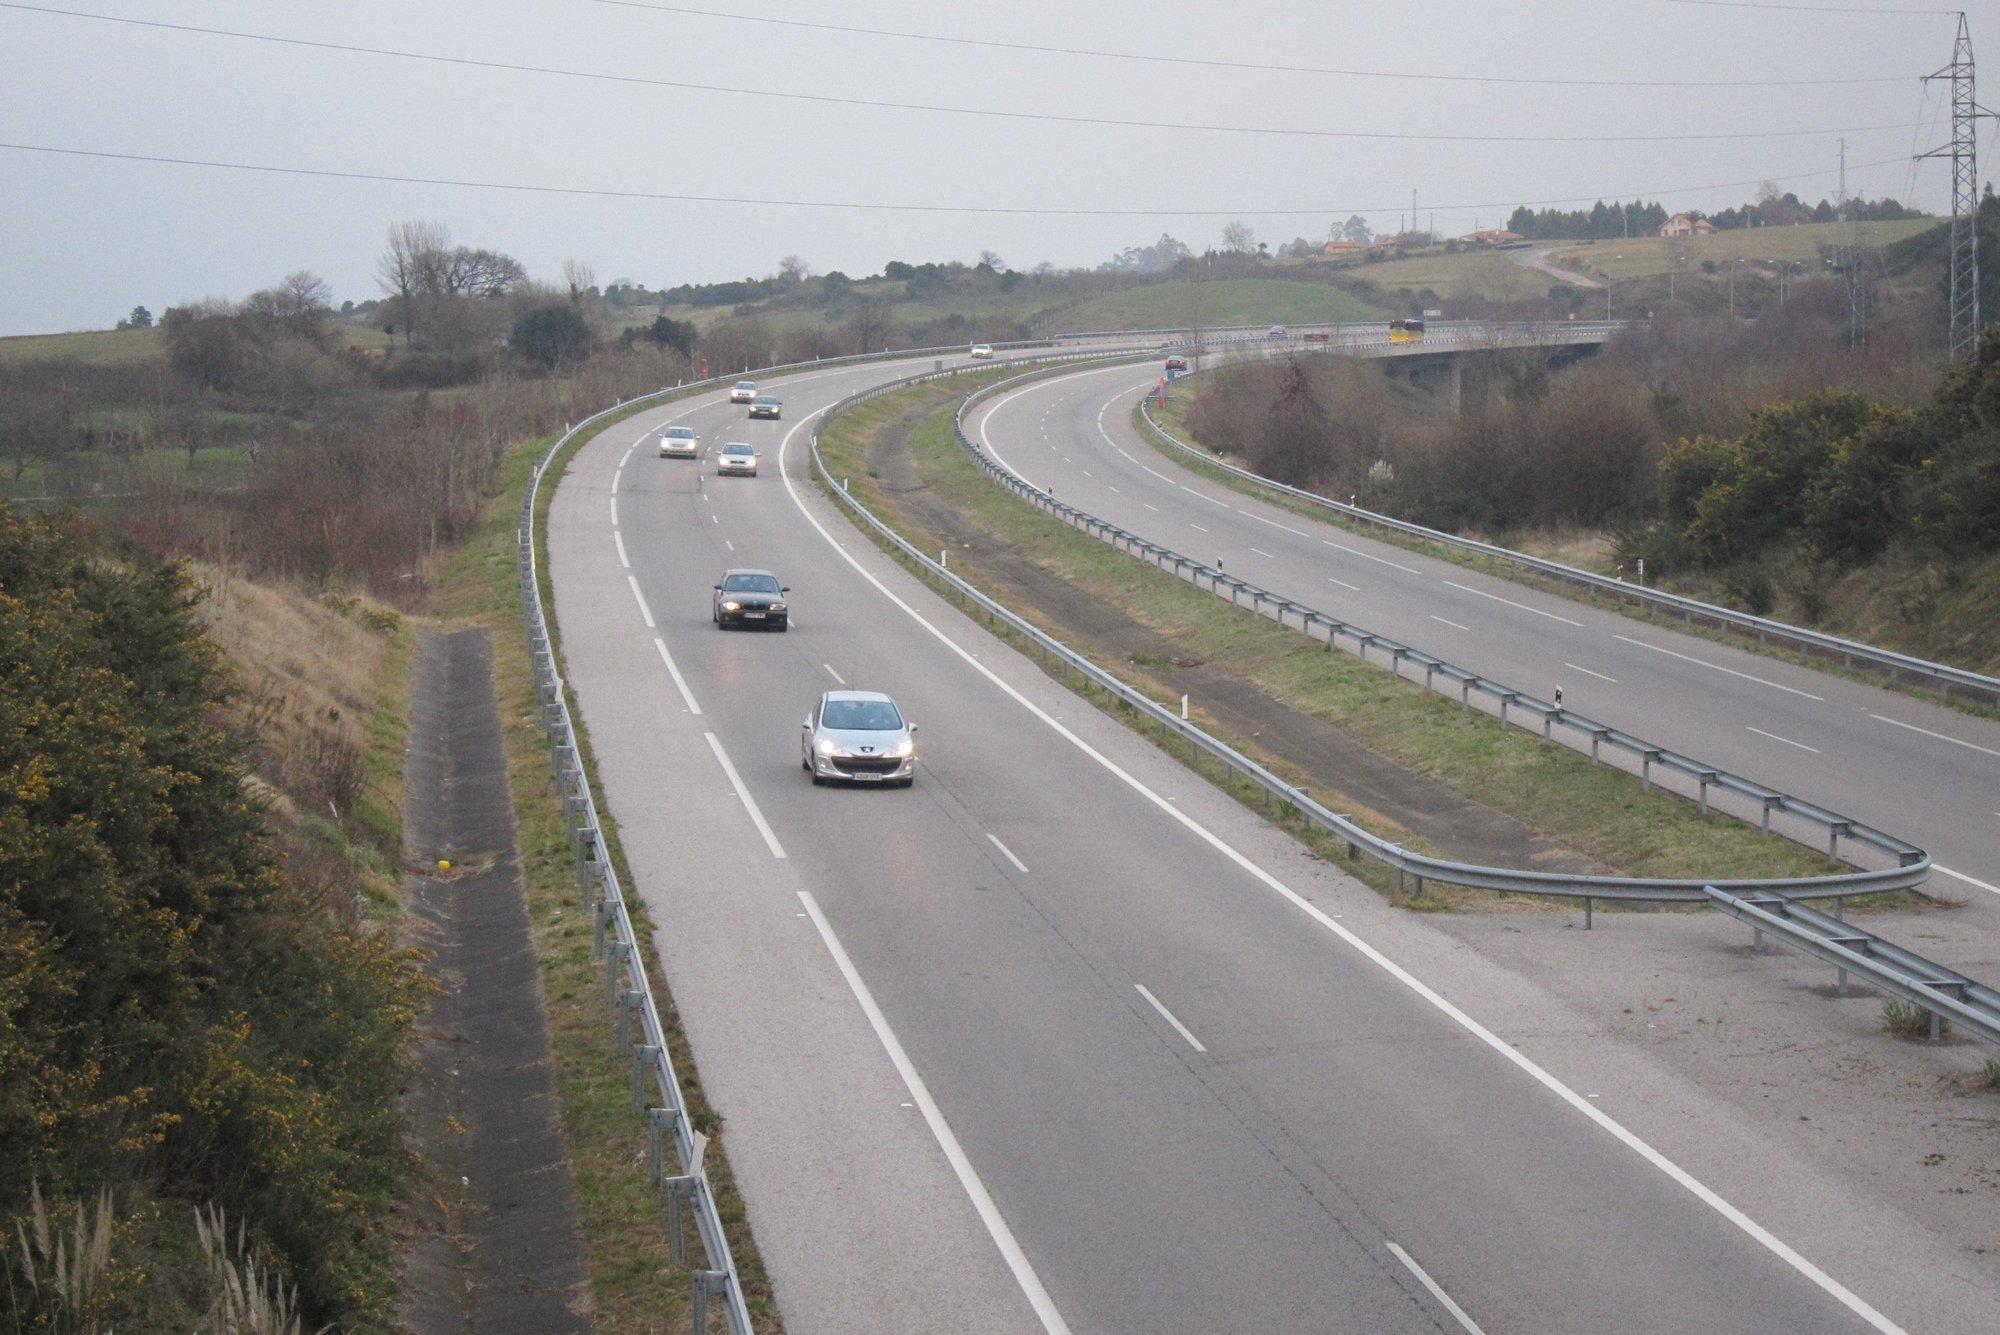 Circulación fluida en las carreteras murcianas al inicio de la segunda fase de la operación Semana Santa